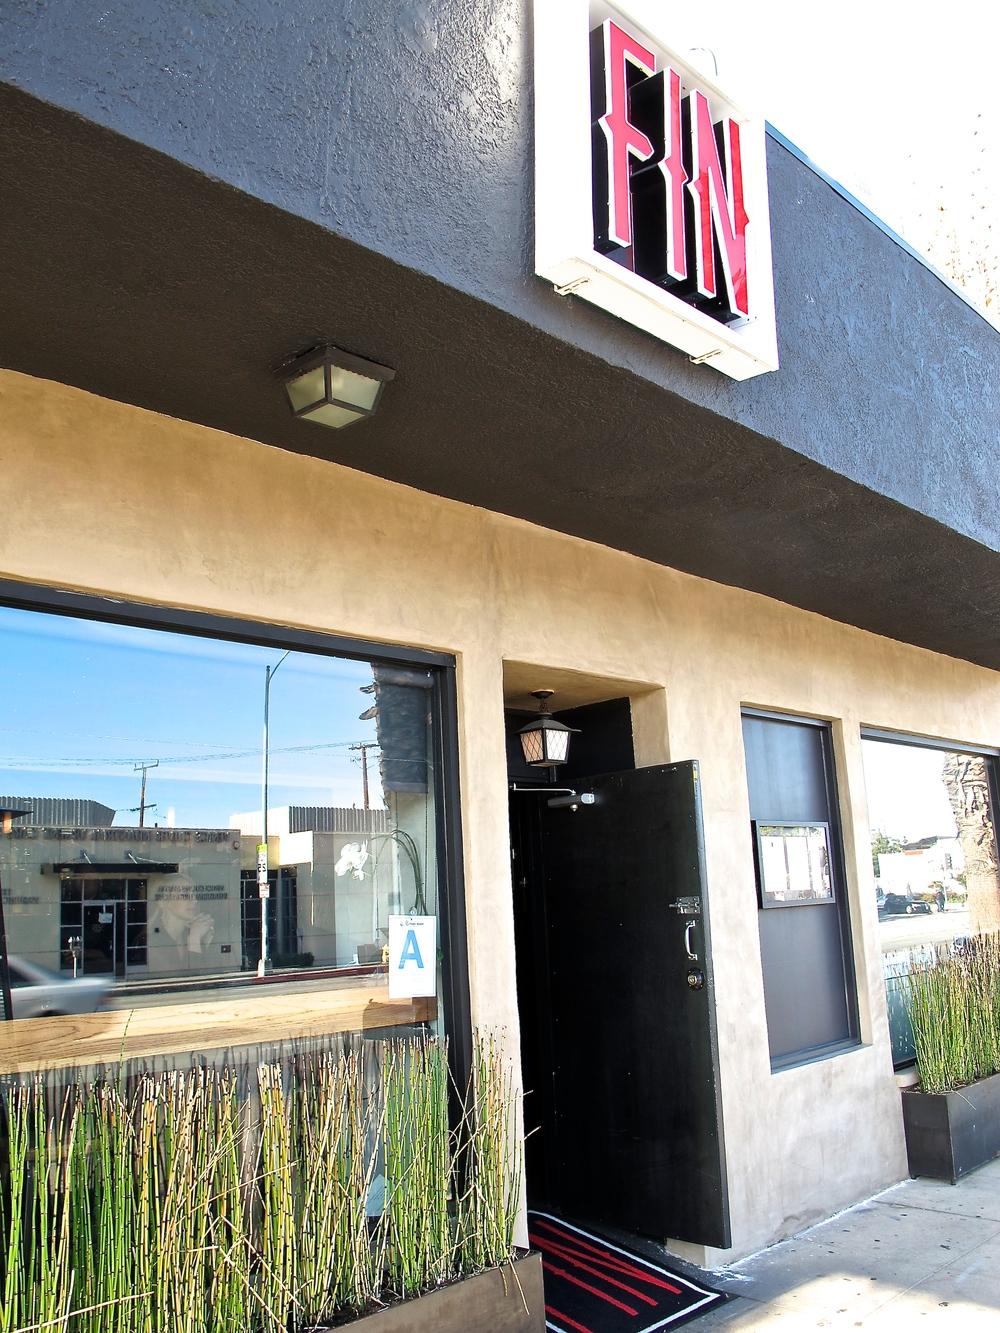 Fin Culver City